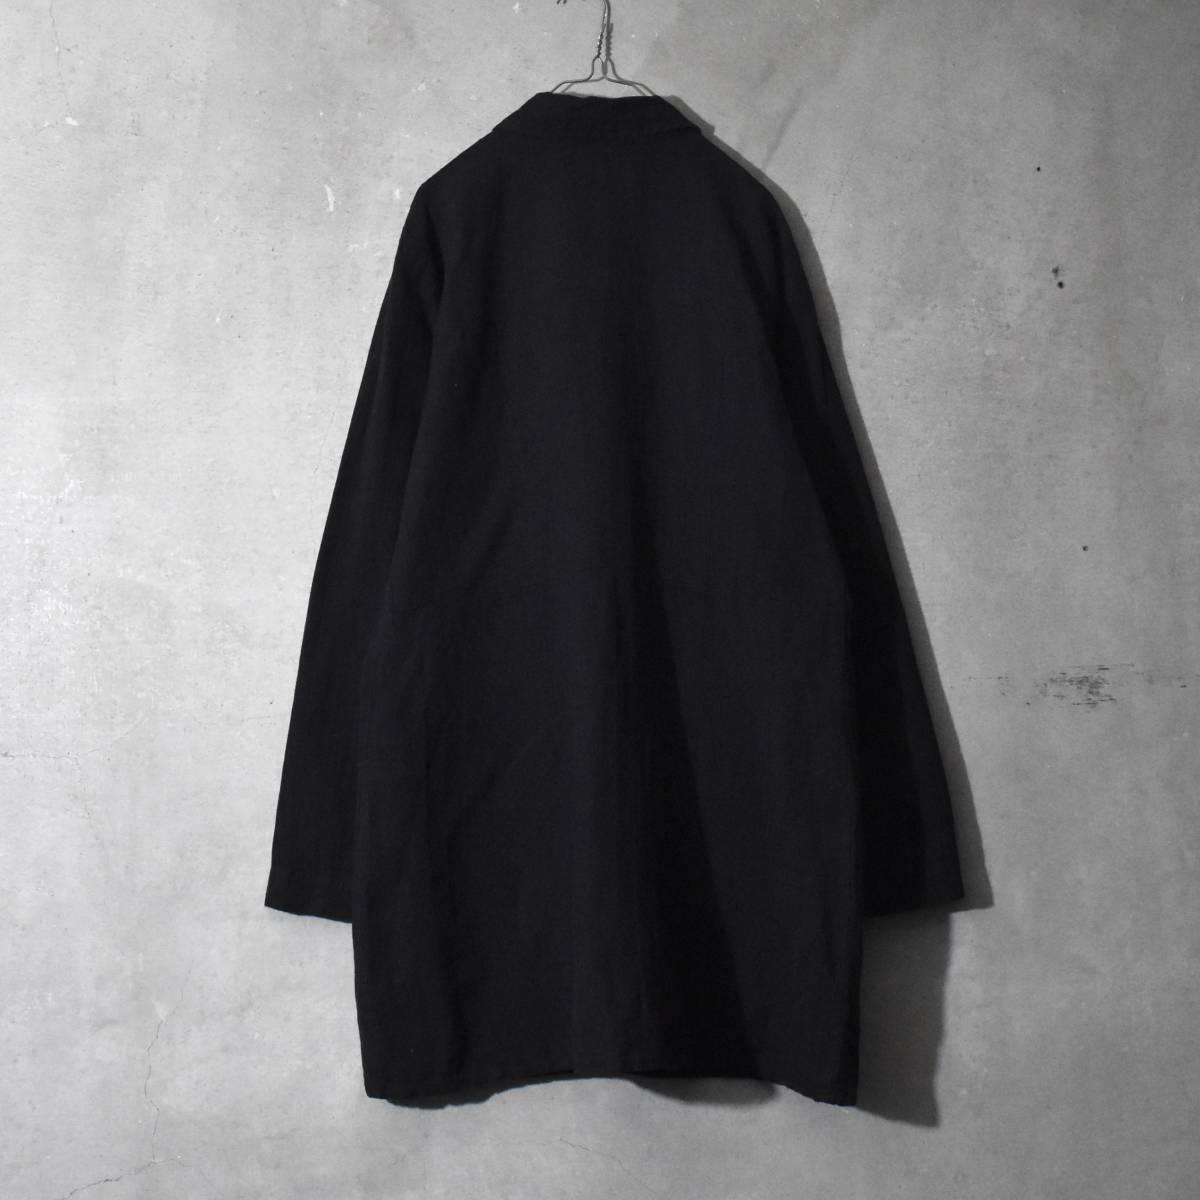 ★美品★ FLAX フラックス ストライプ ロングシャツ 黒 Mサイズ リネン_画像2